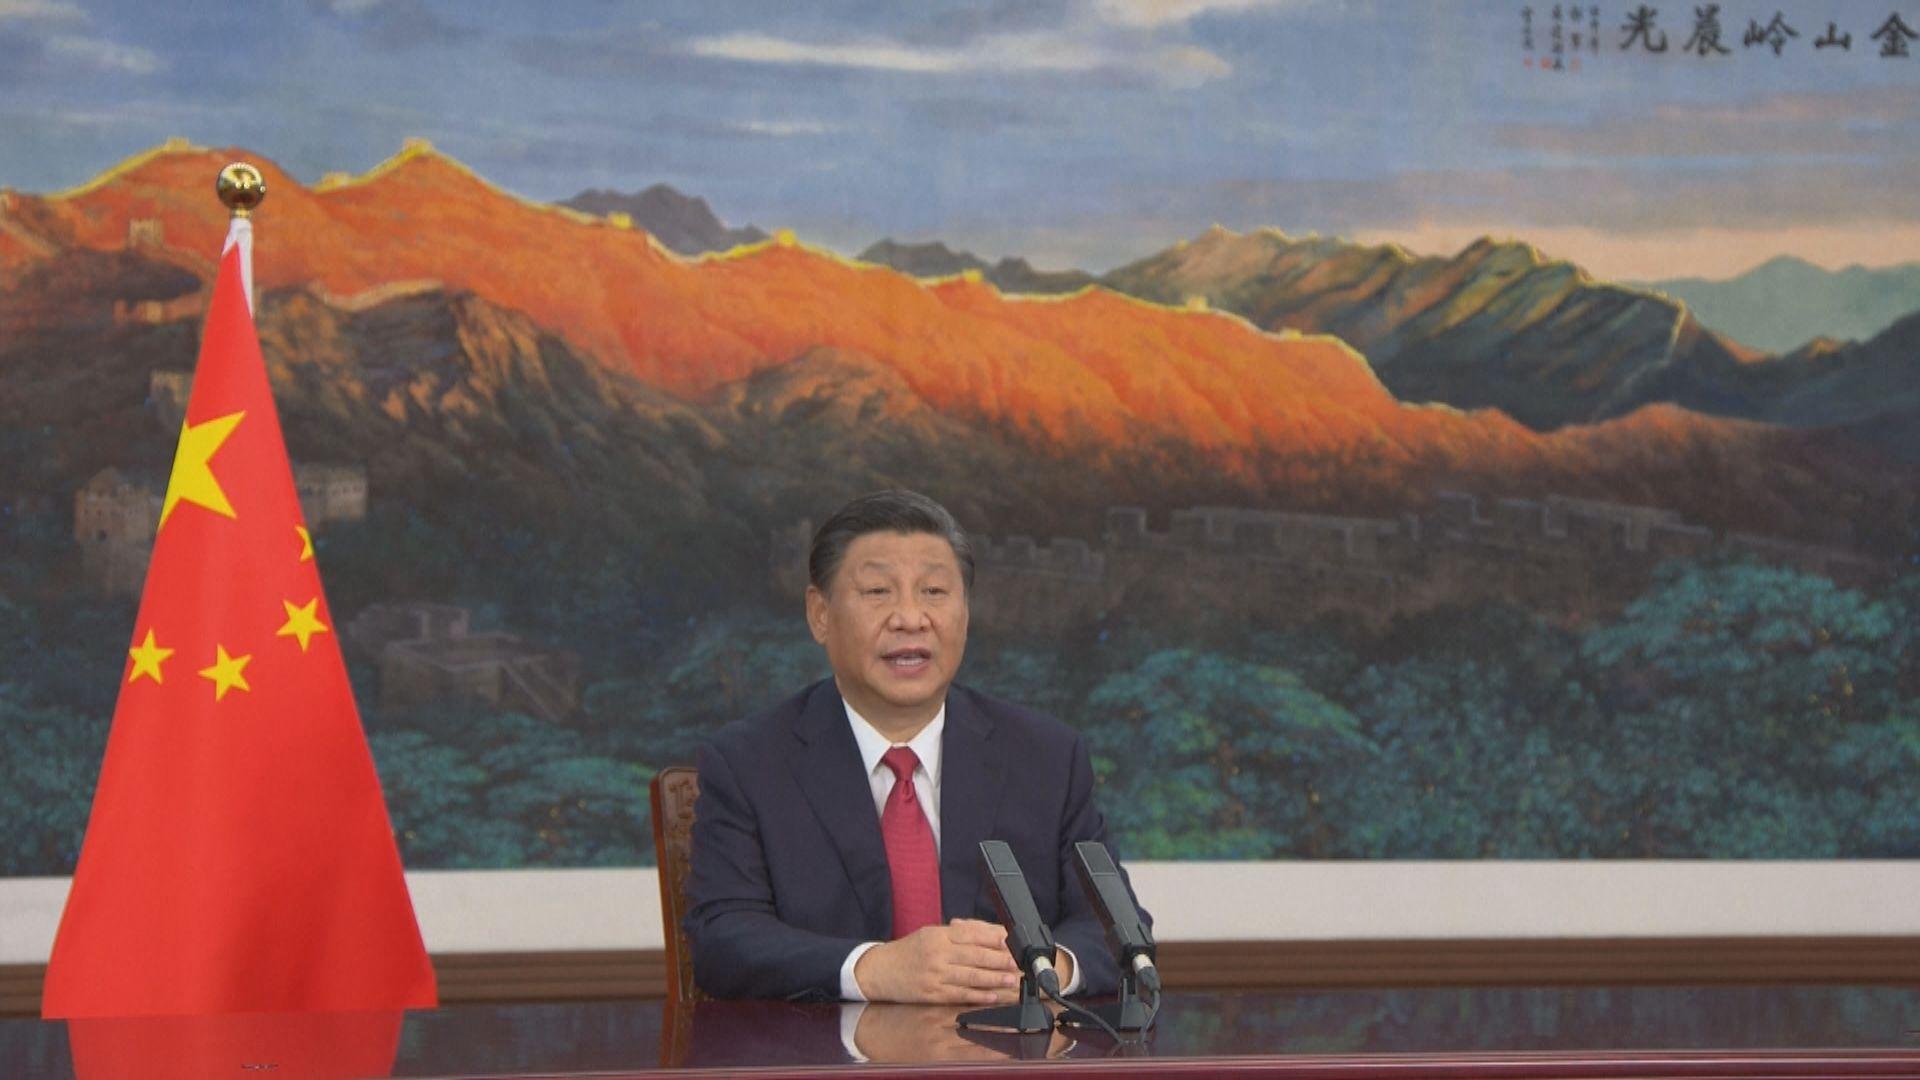 習近平:中國高度重視科技創新 各國要加強科技合作